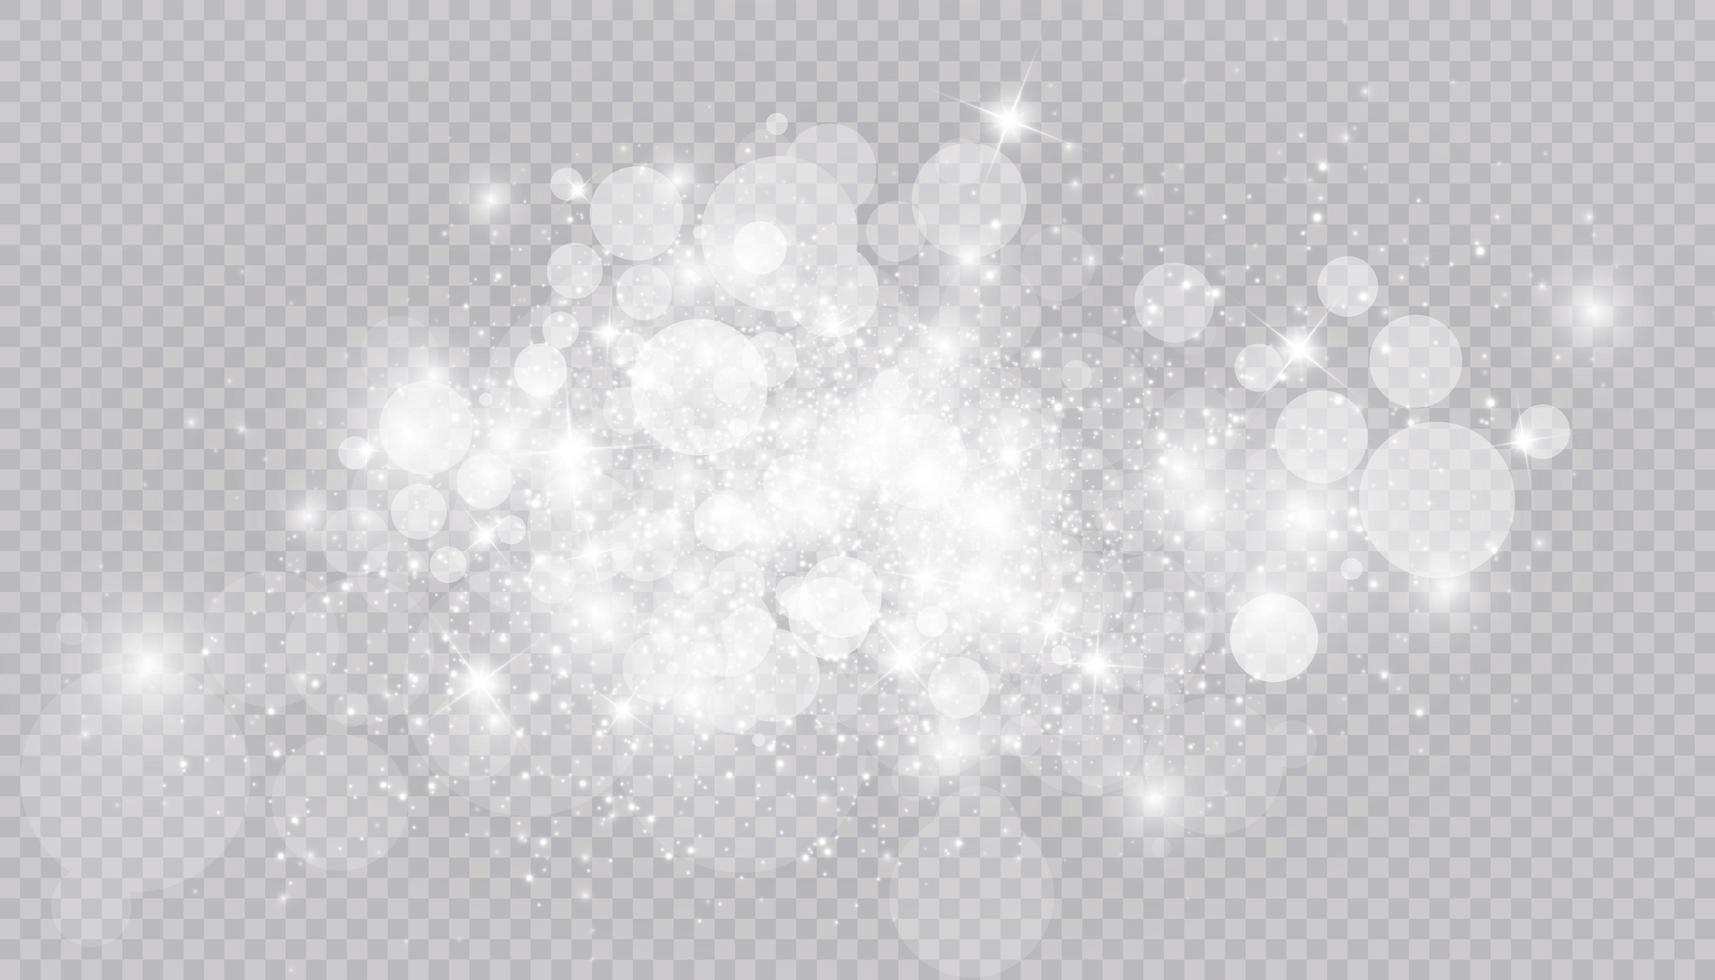 efecto de luz brillante con muchas partículas de brillo aisladas vector